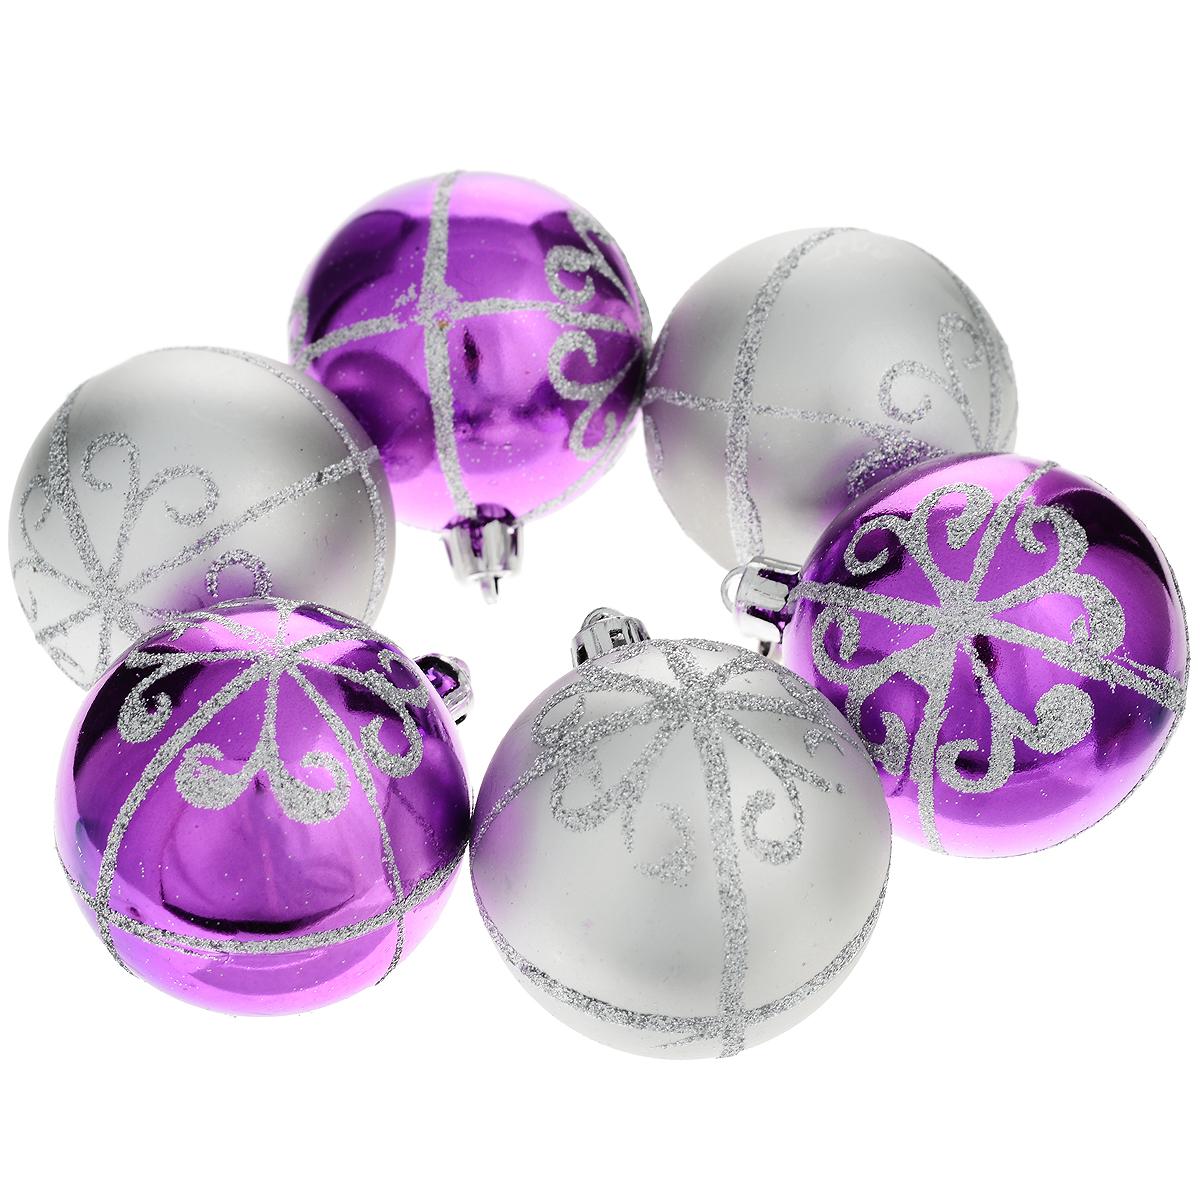 Набор новогодних подвесных украшений Феникс-Презент Шары, цвет: фиолетовый, серебристый, диаметр 6 см, 6 шт35488Набор новогодних подвесных украшений Феникс-презент Шары прекрасно подойдет для праздничного декора вашей ели. Набор состоит из 6 пластиковых украшений в виде матовых и глянцевых шаров, декорированных блестками. Для удобного размещения на елке для каждого украшения предусмотрена текстильная петелька.Елочная игрушка - символ Нового года. Она несет в себе волшебство и красоту праздника. Создайте в своем доме атмосферу веселья и радости, украшая новогоднюю елку нарядными игрушками, которые будут из года в год накапливать теплоту воспоминаний. Откройте для себя удивительный мир сказок и грез. Почувствуйте волшебные минуты ожидания праздника, создайте новогоднее настроение вашим дорогим и близким.